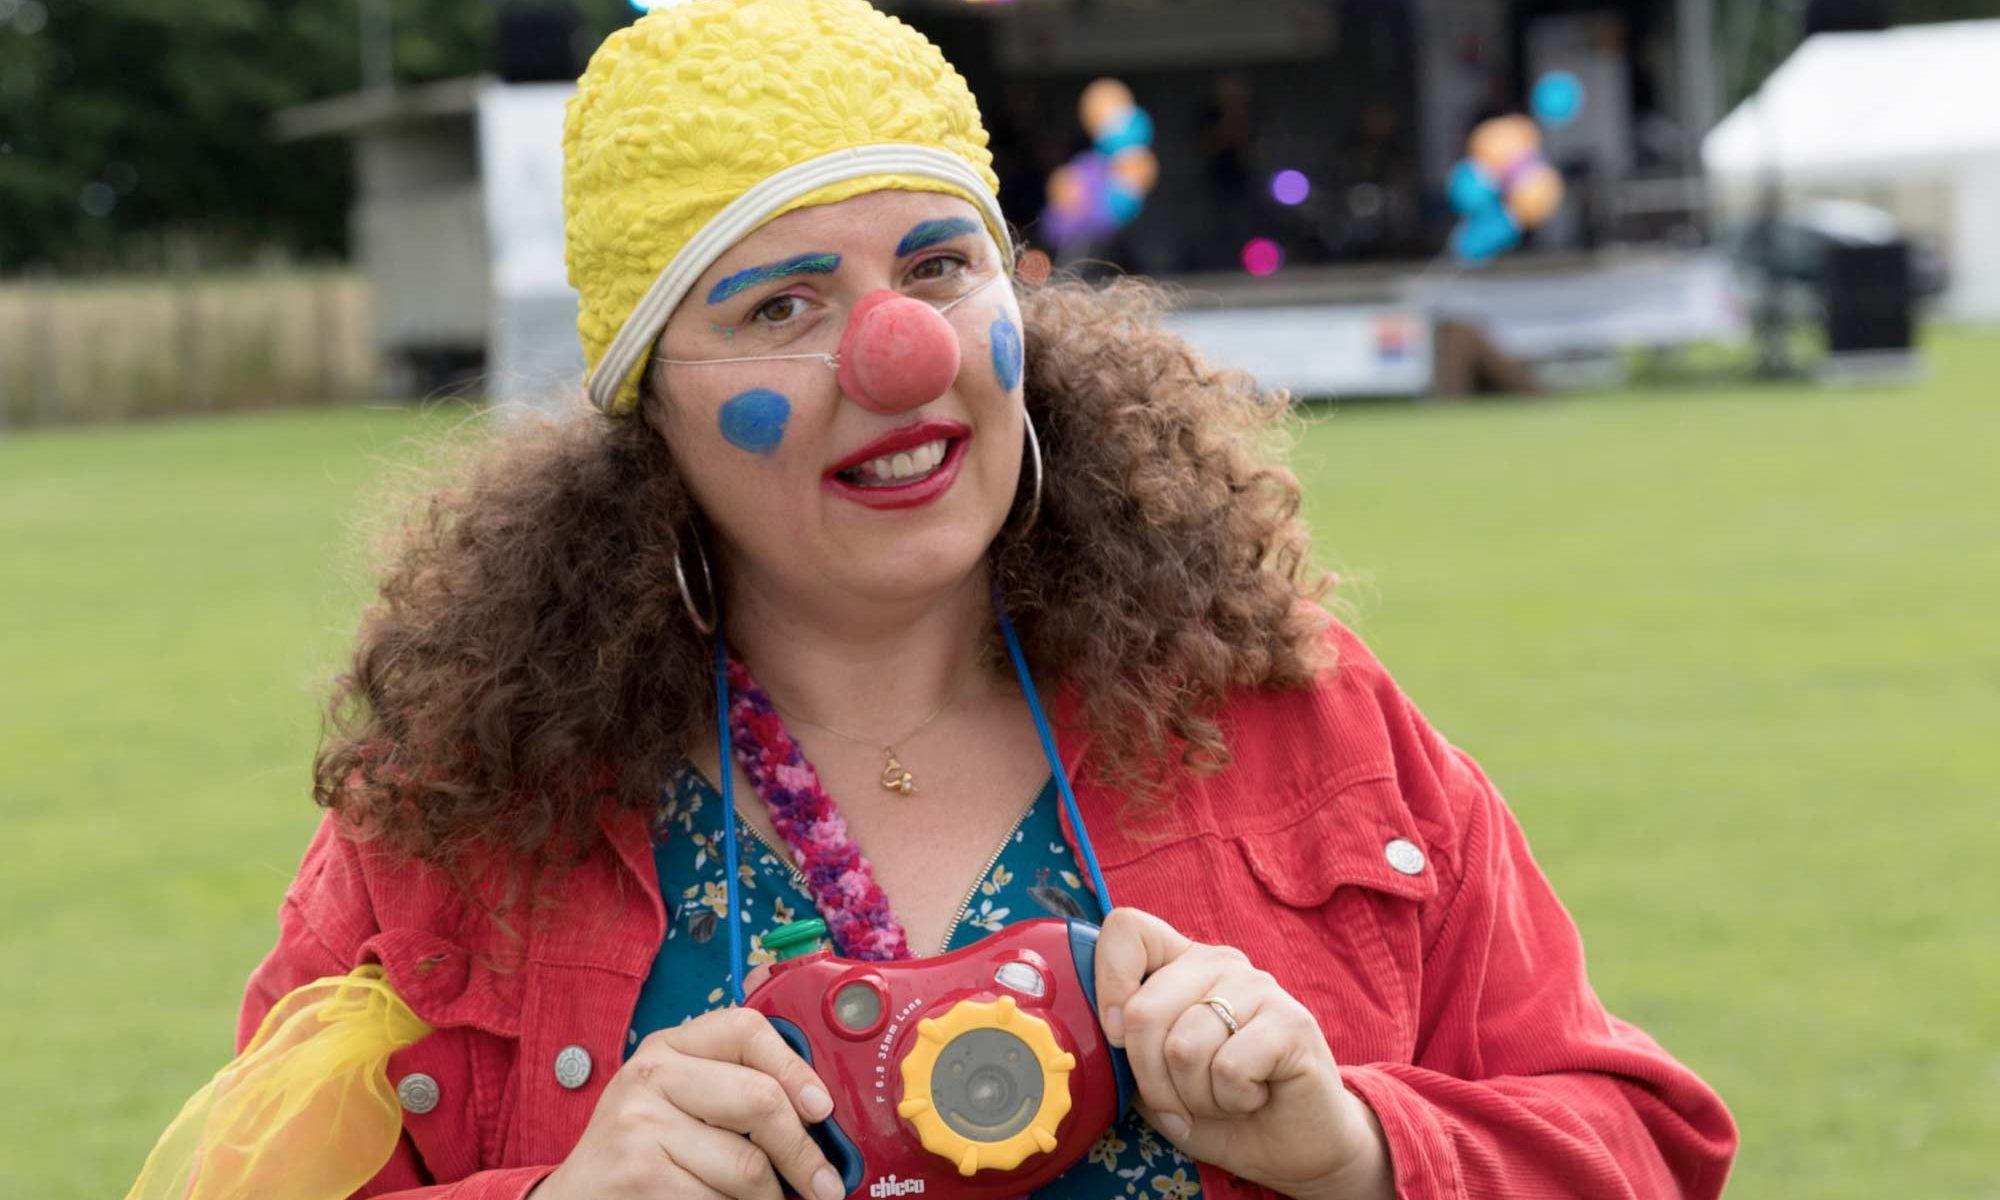 Johanna fait son clown au festival